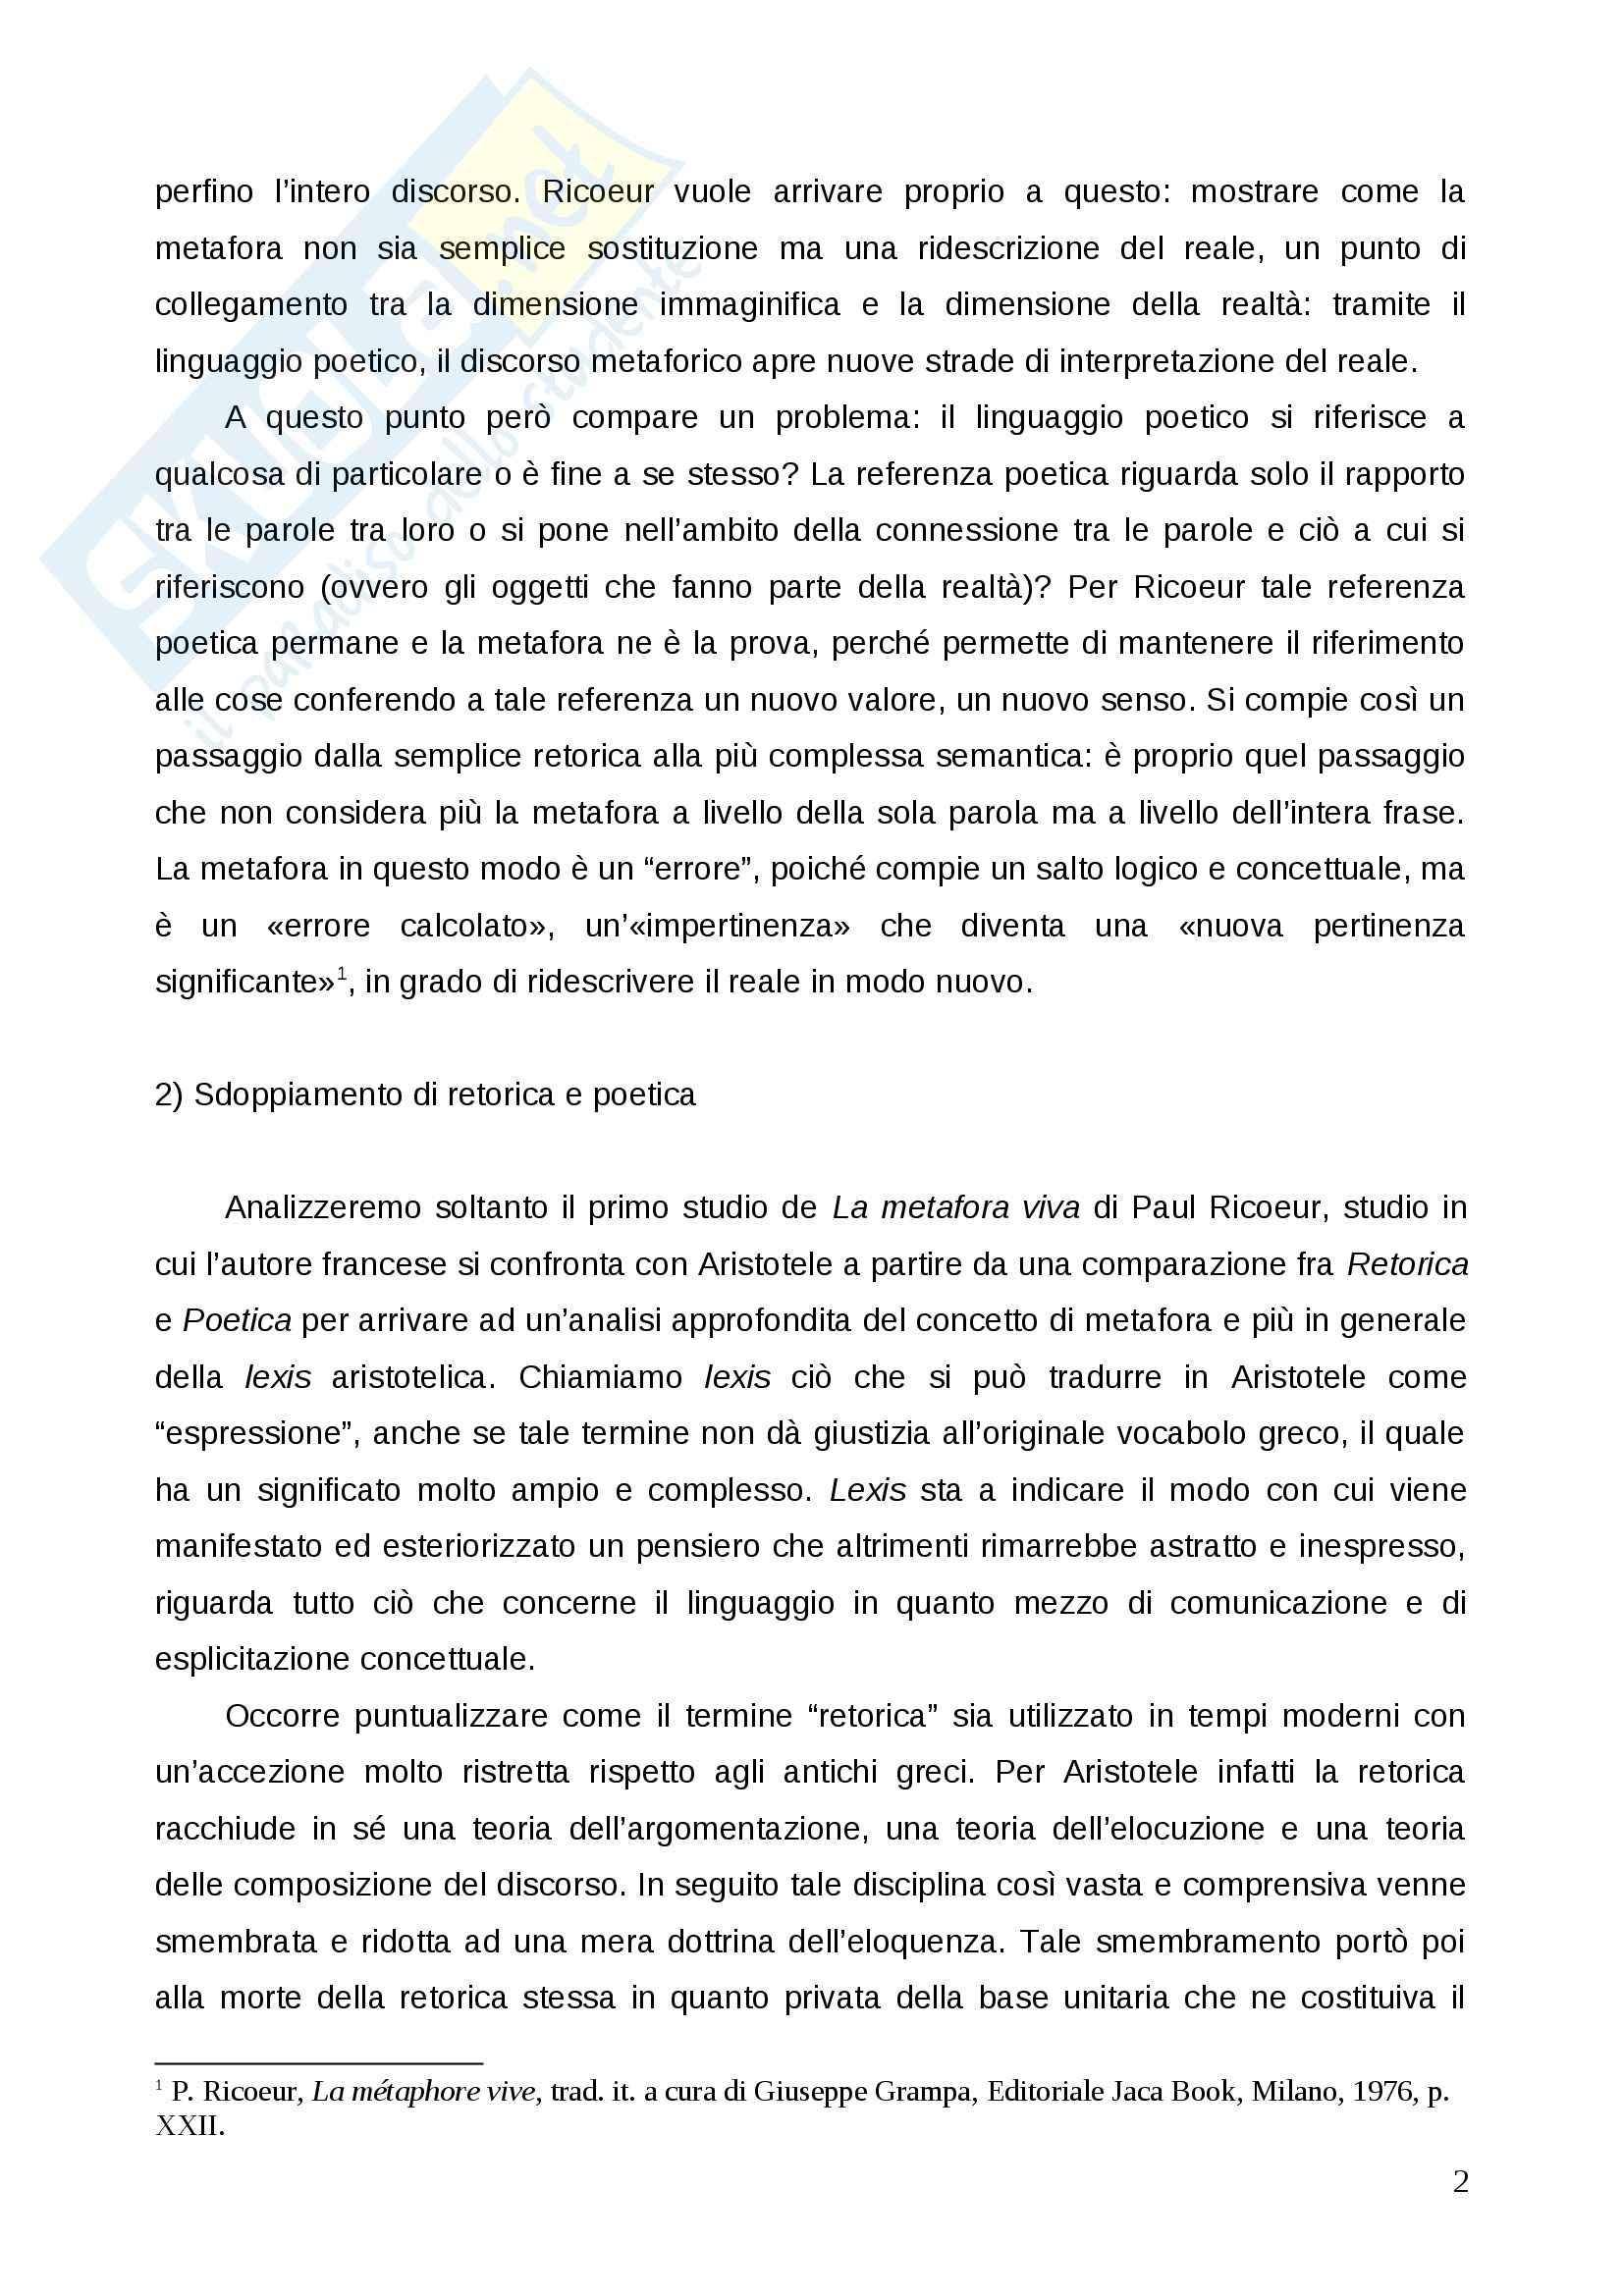 """Relazione su Paul Ricoeur, """"La metafora viva"""": Esercitazione di Estetica Pag. 2"""